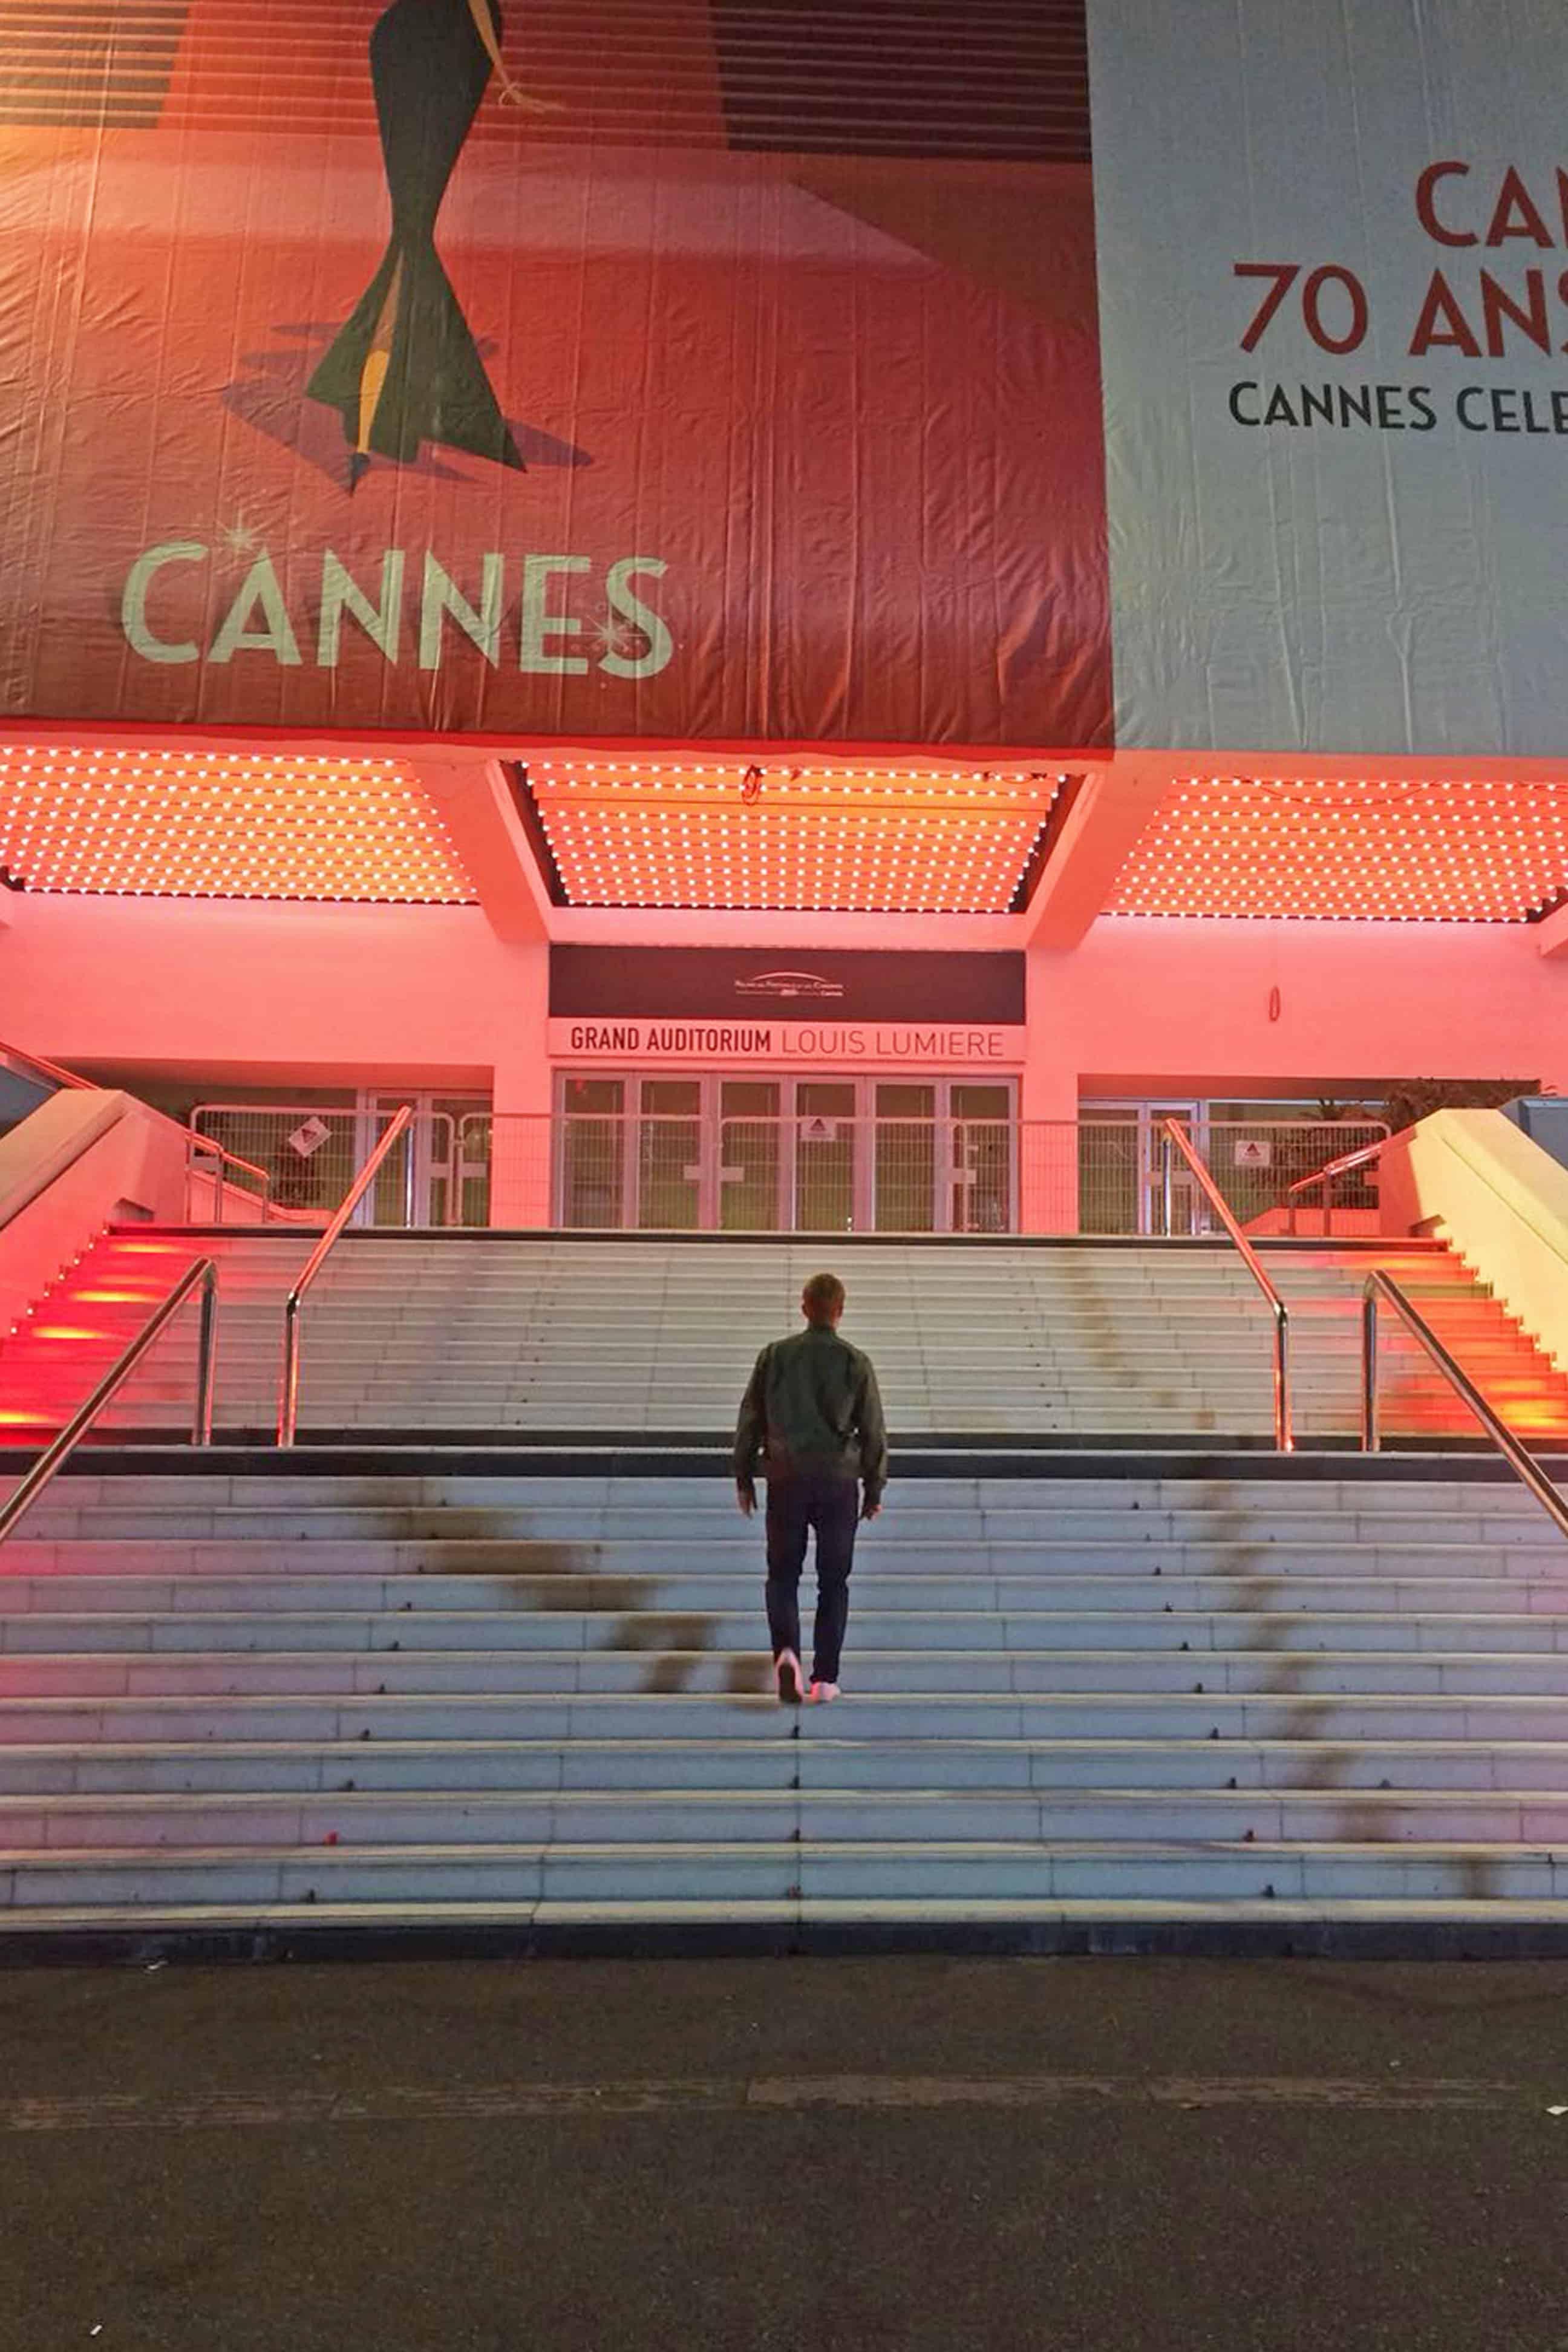 Palais des Festivals Cannes steps